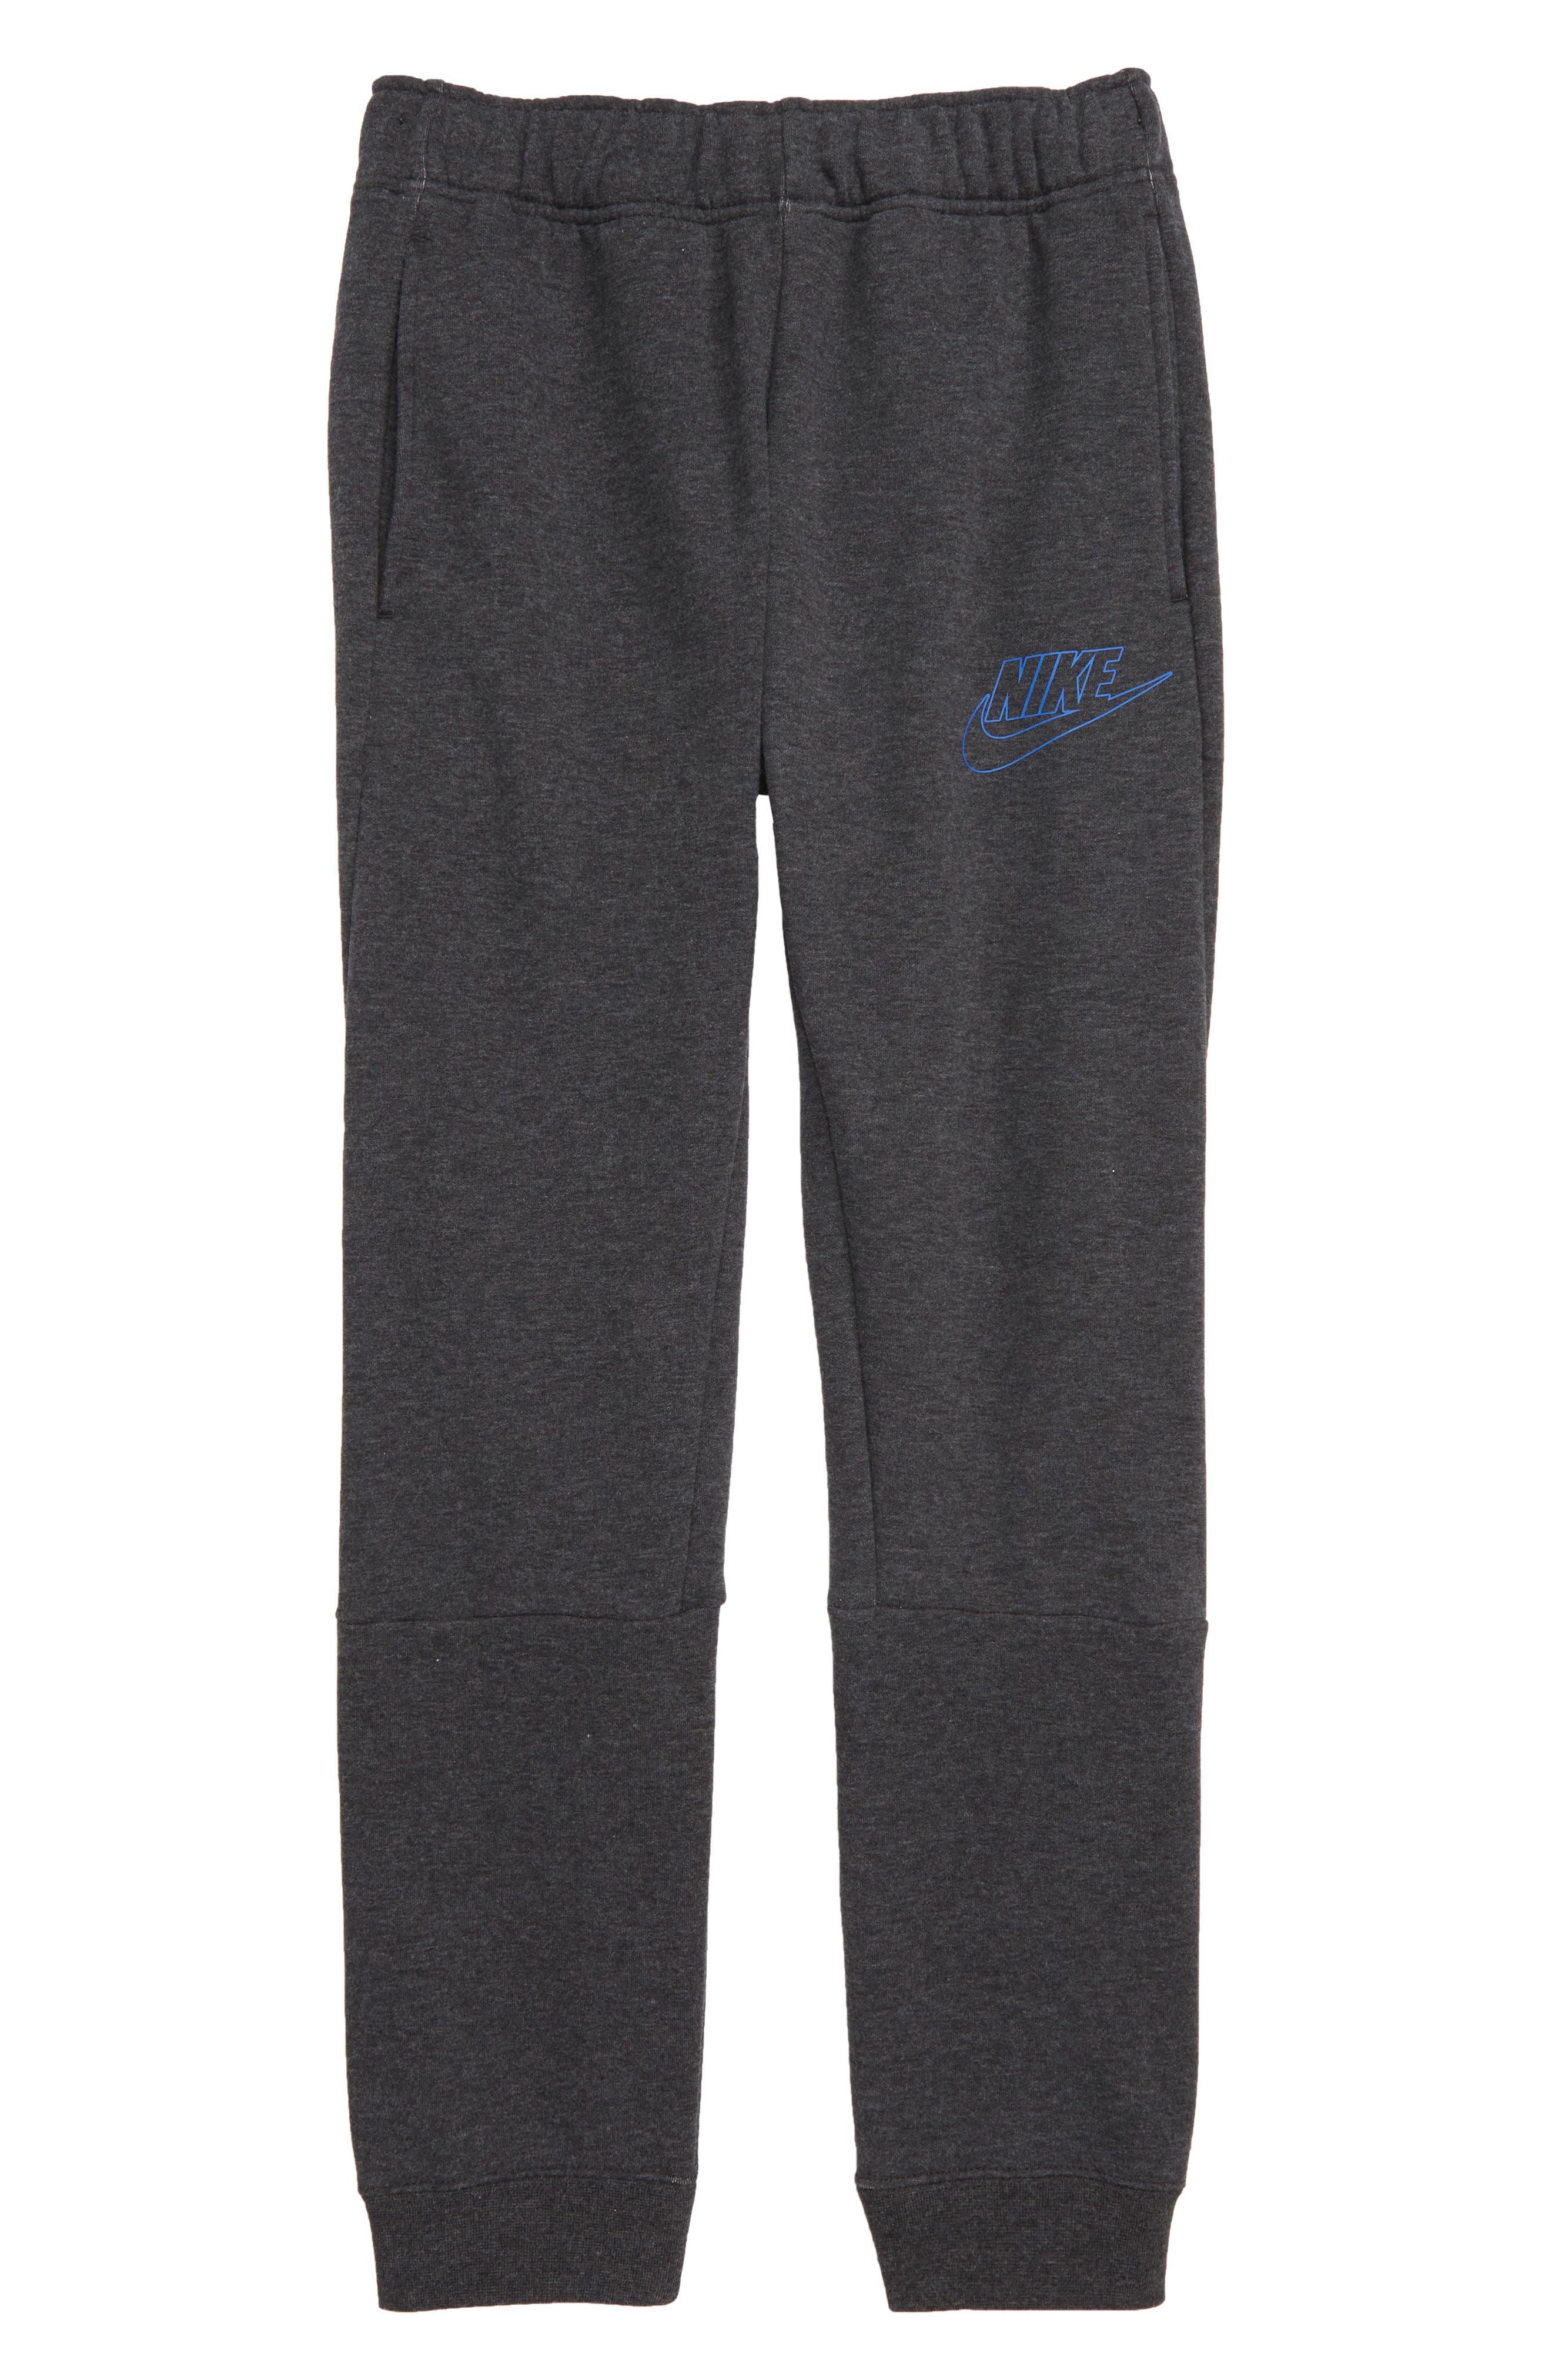 Boys Nike Sportswear My Nike Sweatpants